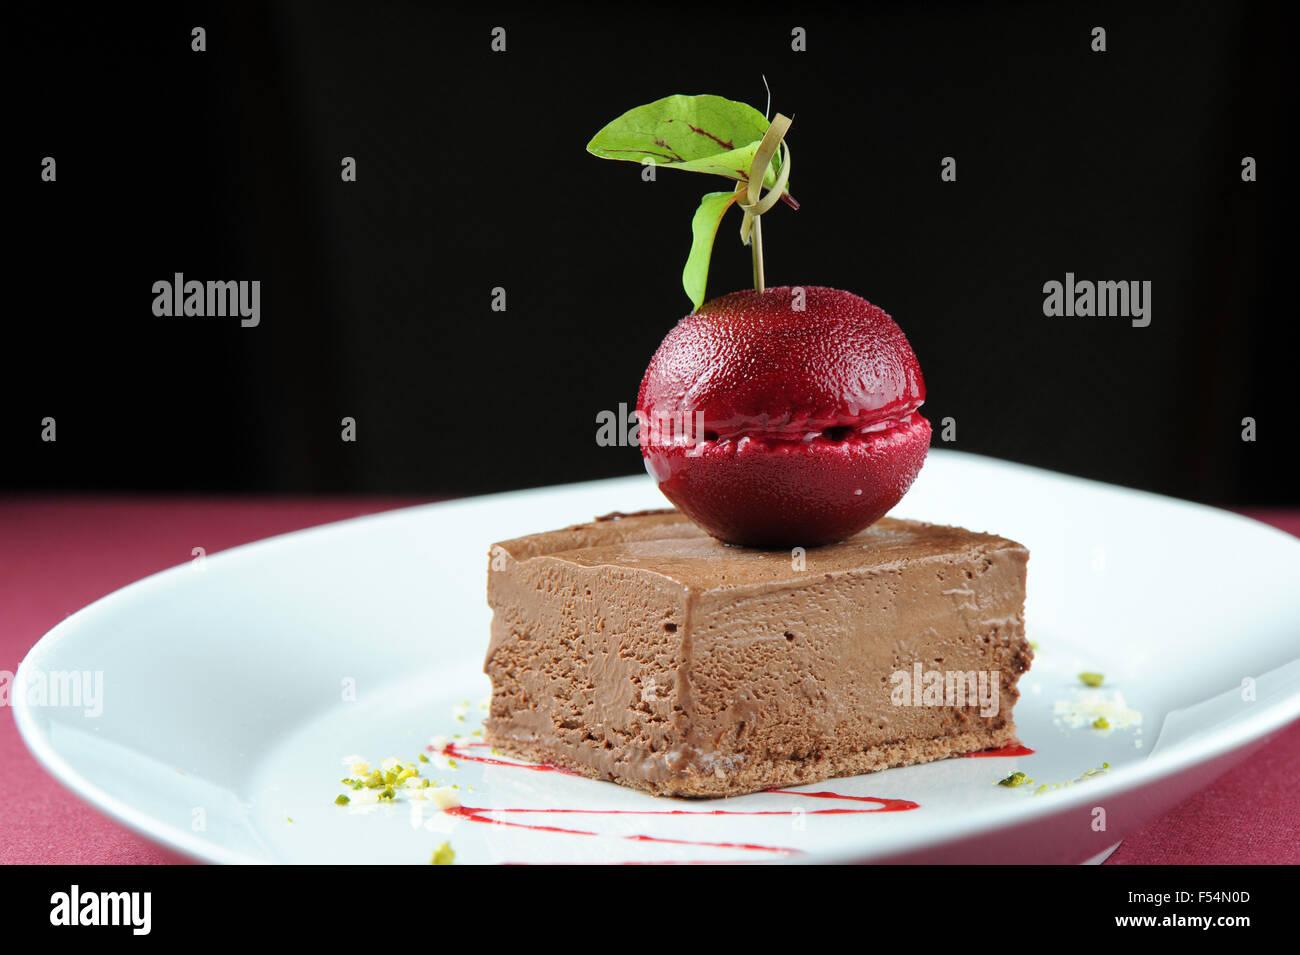 Gourmet-Schokolade Maus-Eis-Dessert mit einem dunklen Kirsche Sorbet. Stockbild